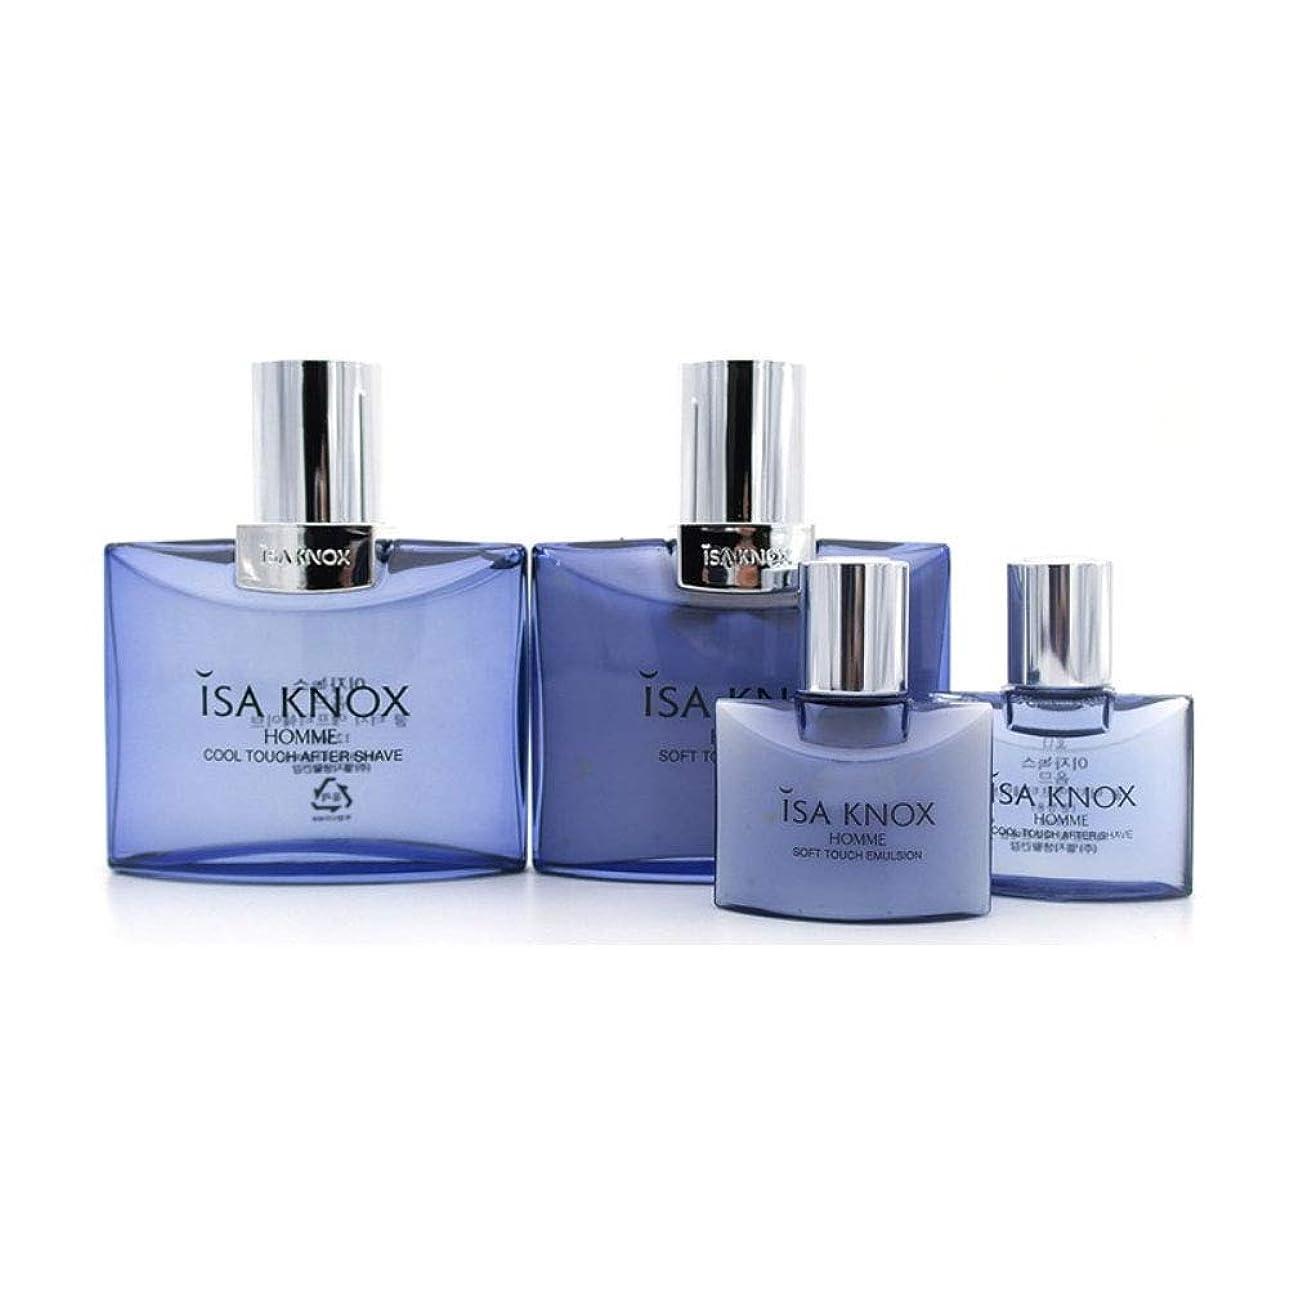 酔って落とし穴うがいイザノックスオムアフターシェーブ160ml(125+35)エマルジョン160ml(125+35)セットメンズコスメ韓国コスメ、Isa Knox Homme After Shave Emulsion Set Men's Cosmetics Korean Cosmetics [並行輸入品]